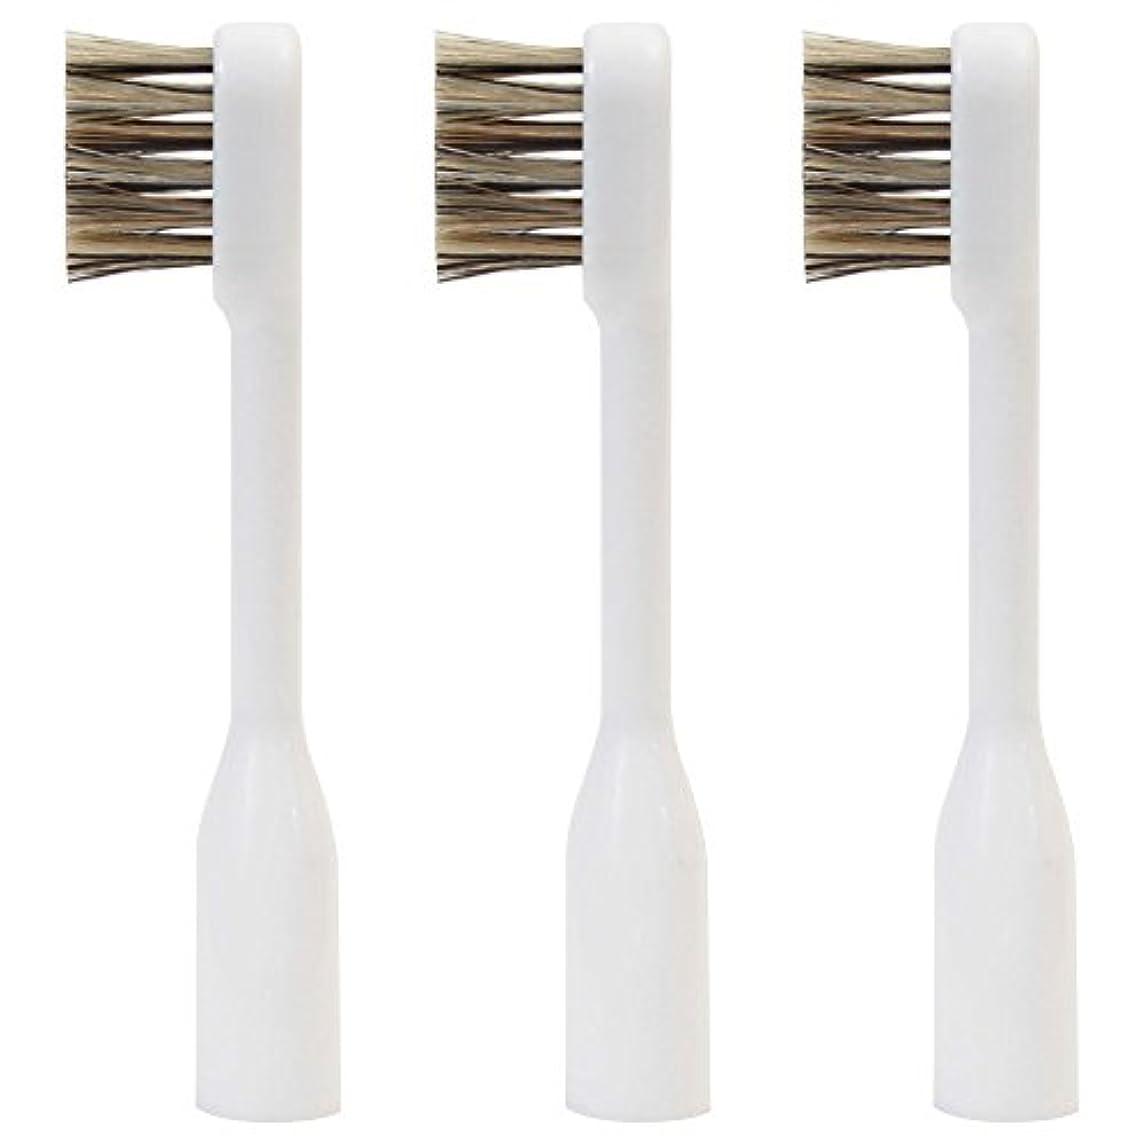 概念うん効能ラテール 交換用スペアブラシ 天然毛 スモールヘッド